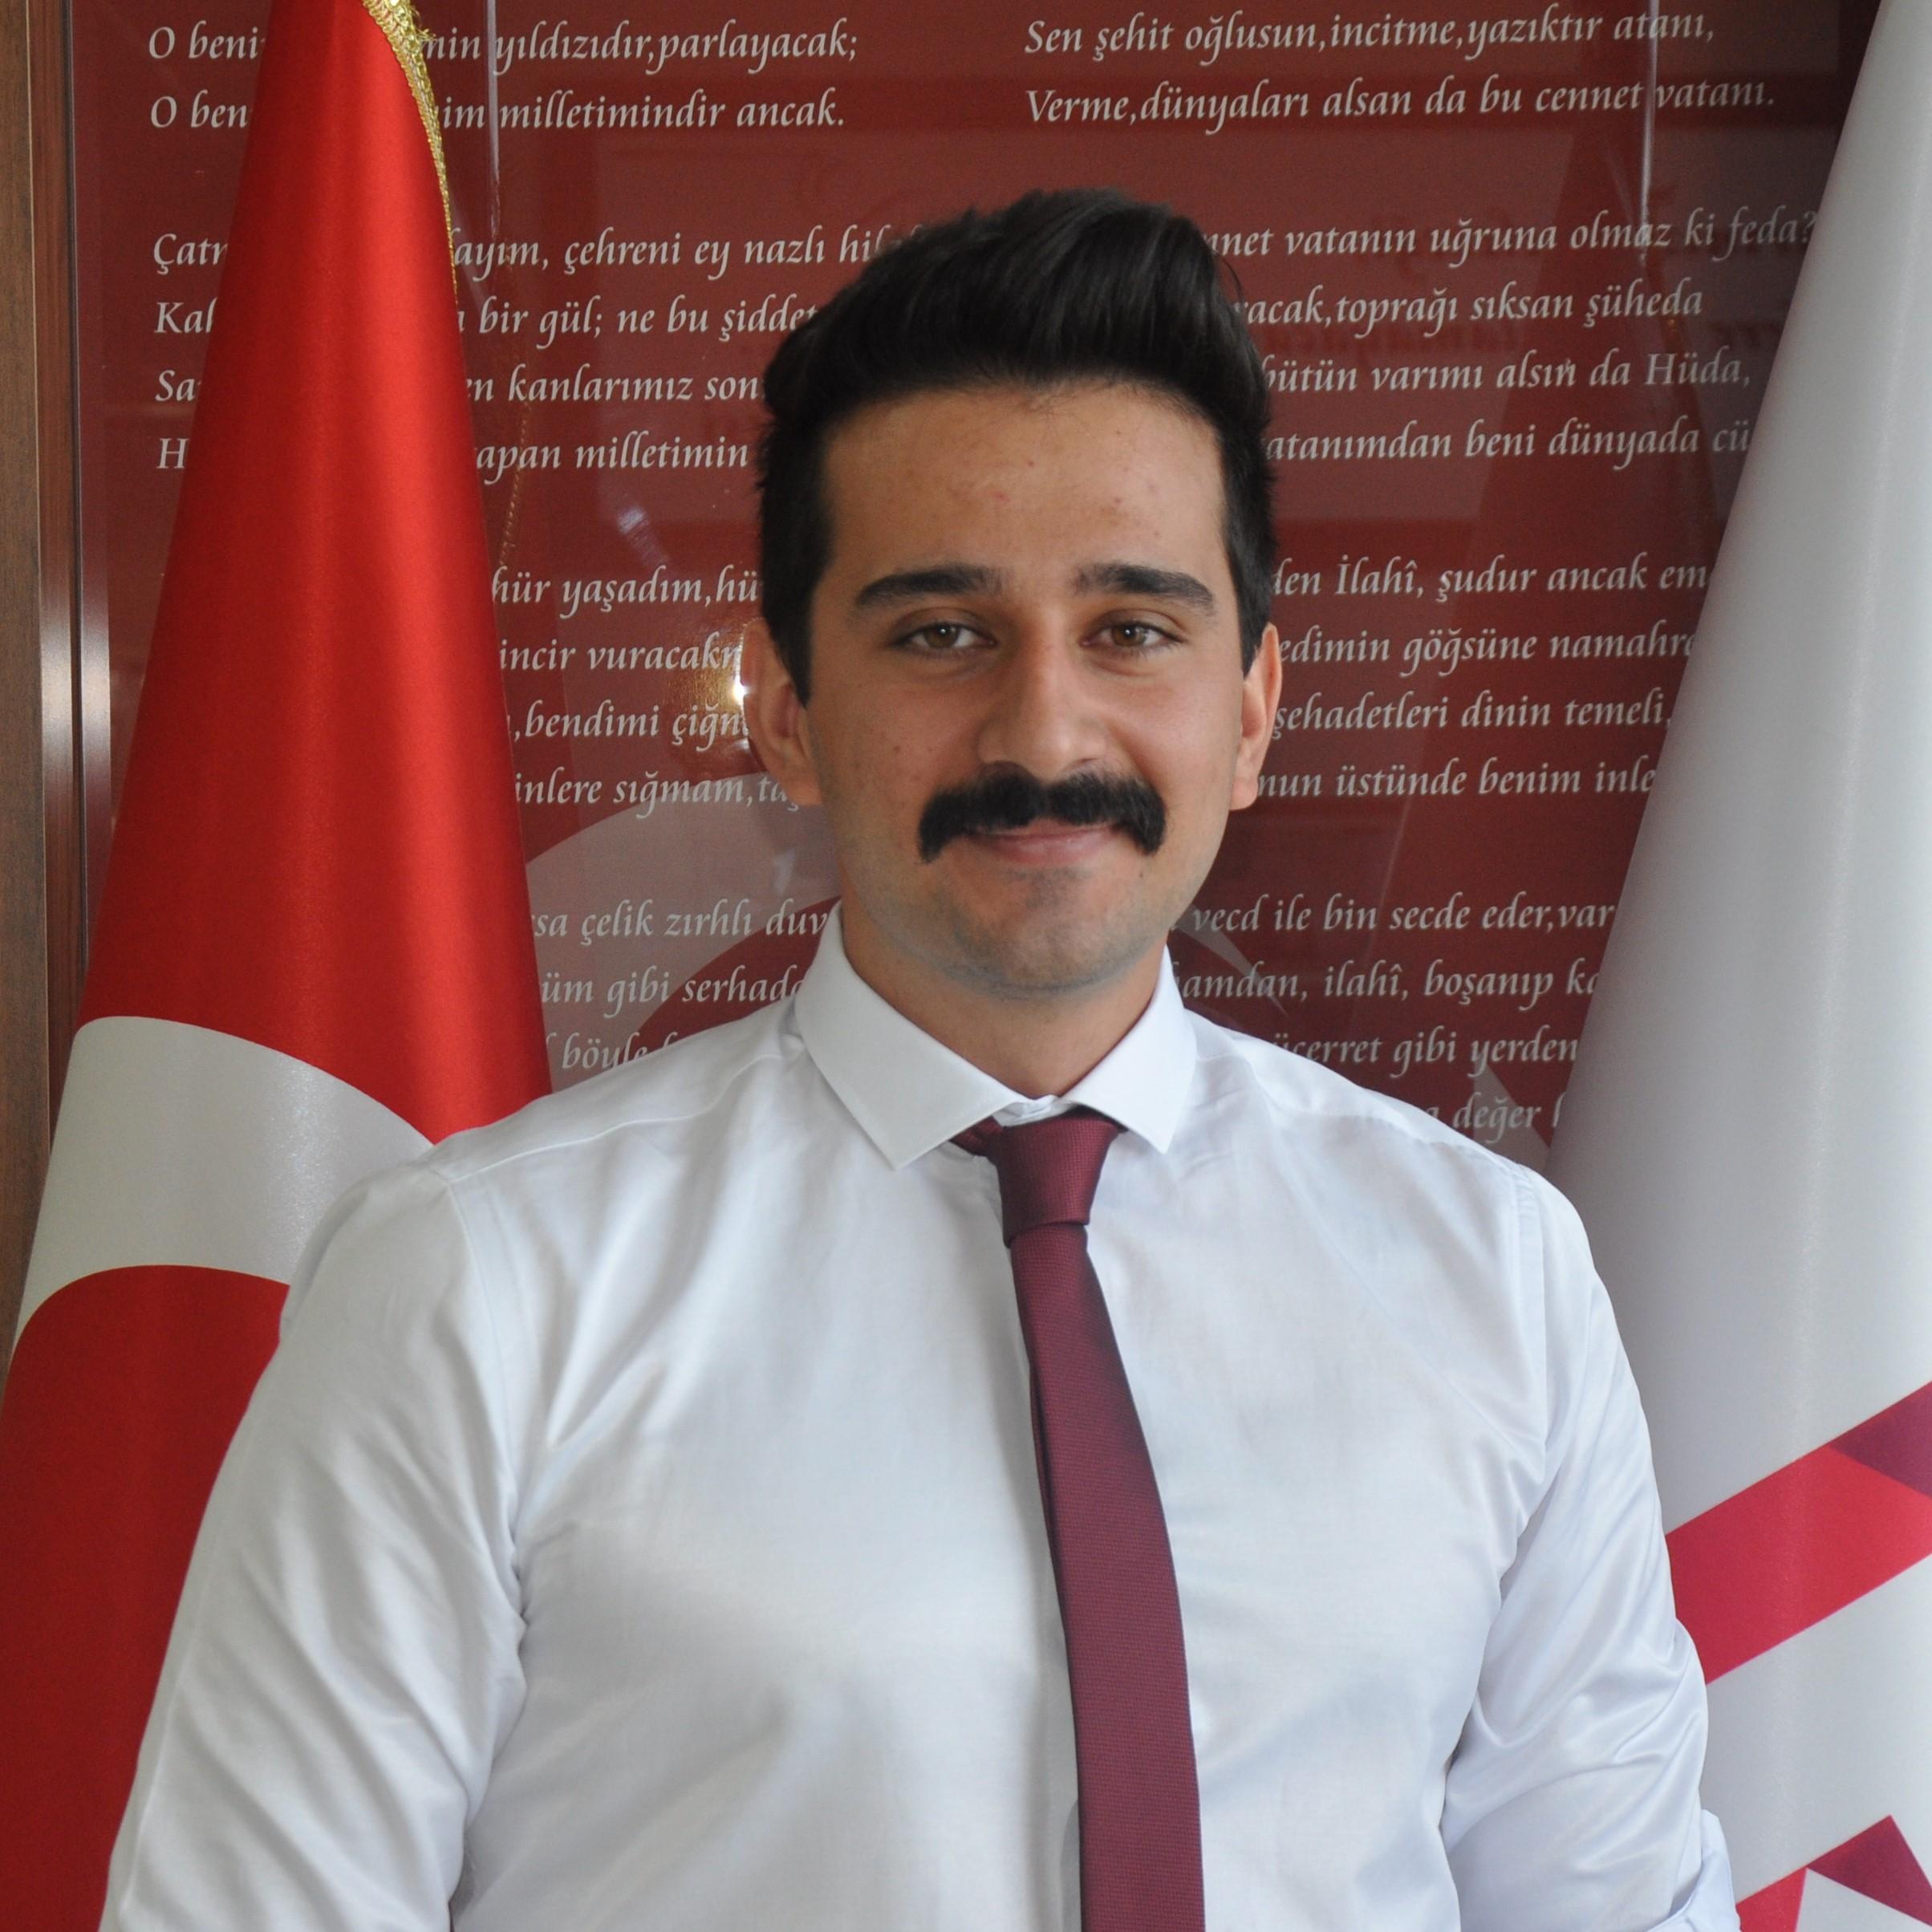 Arifcan Beceren